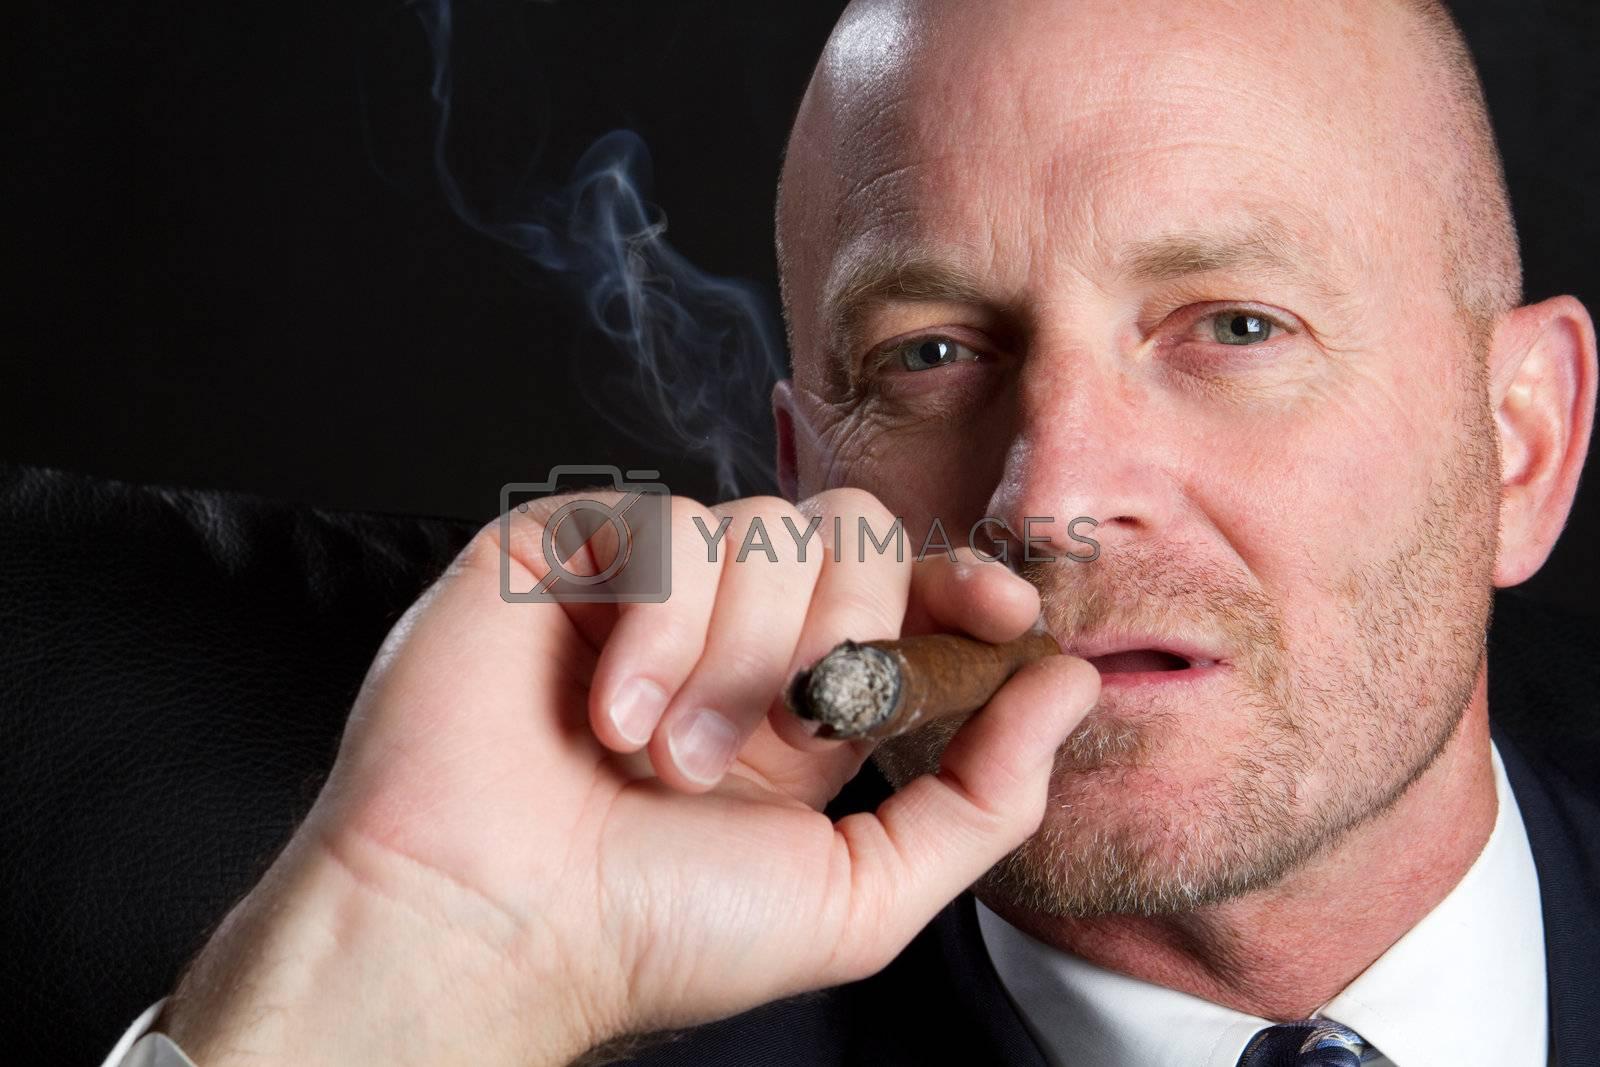 Bald man smoking cigar